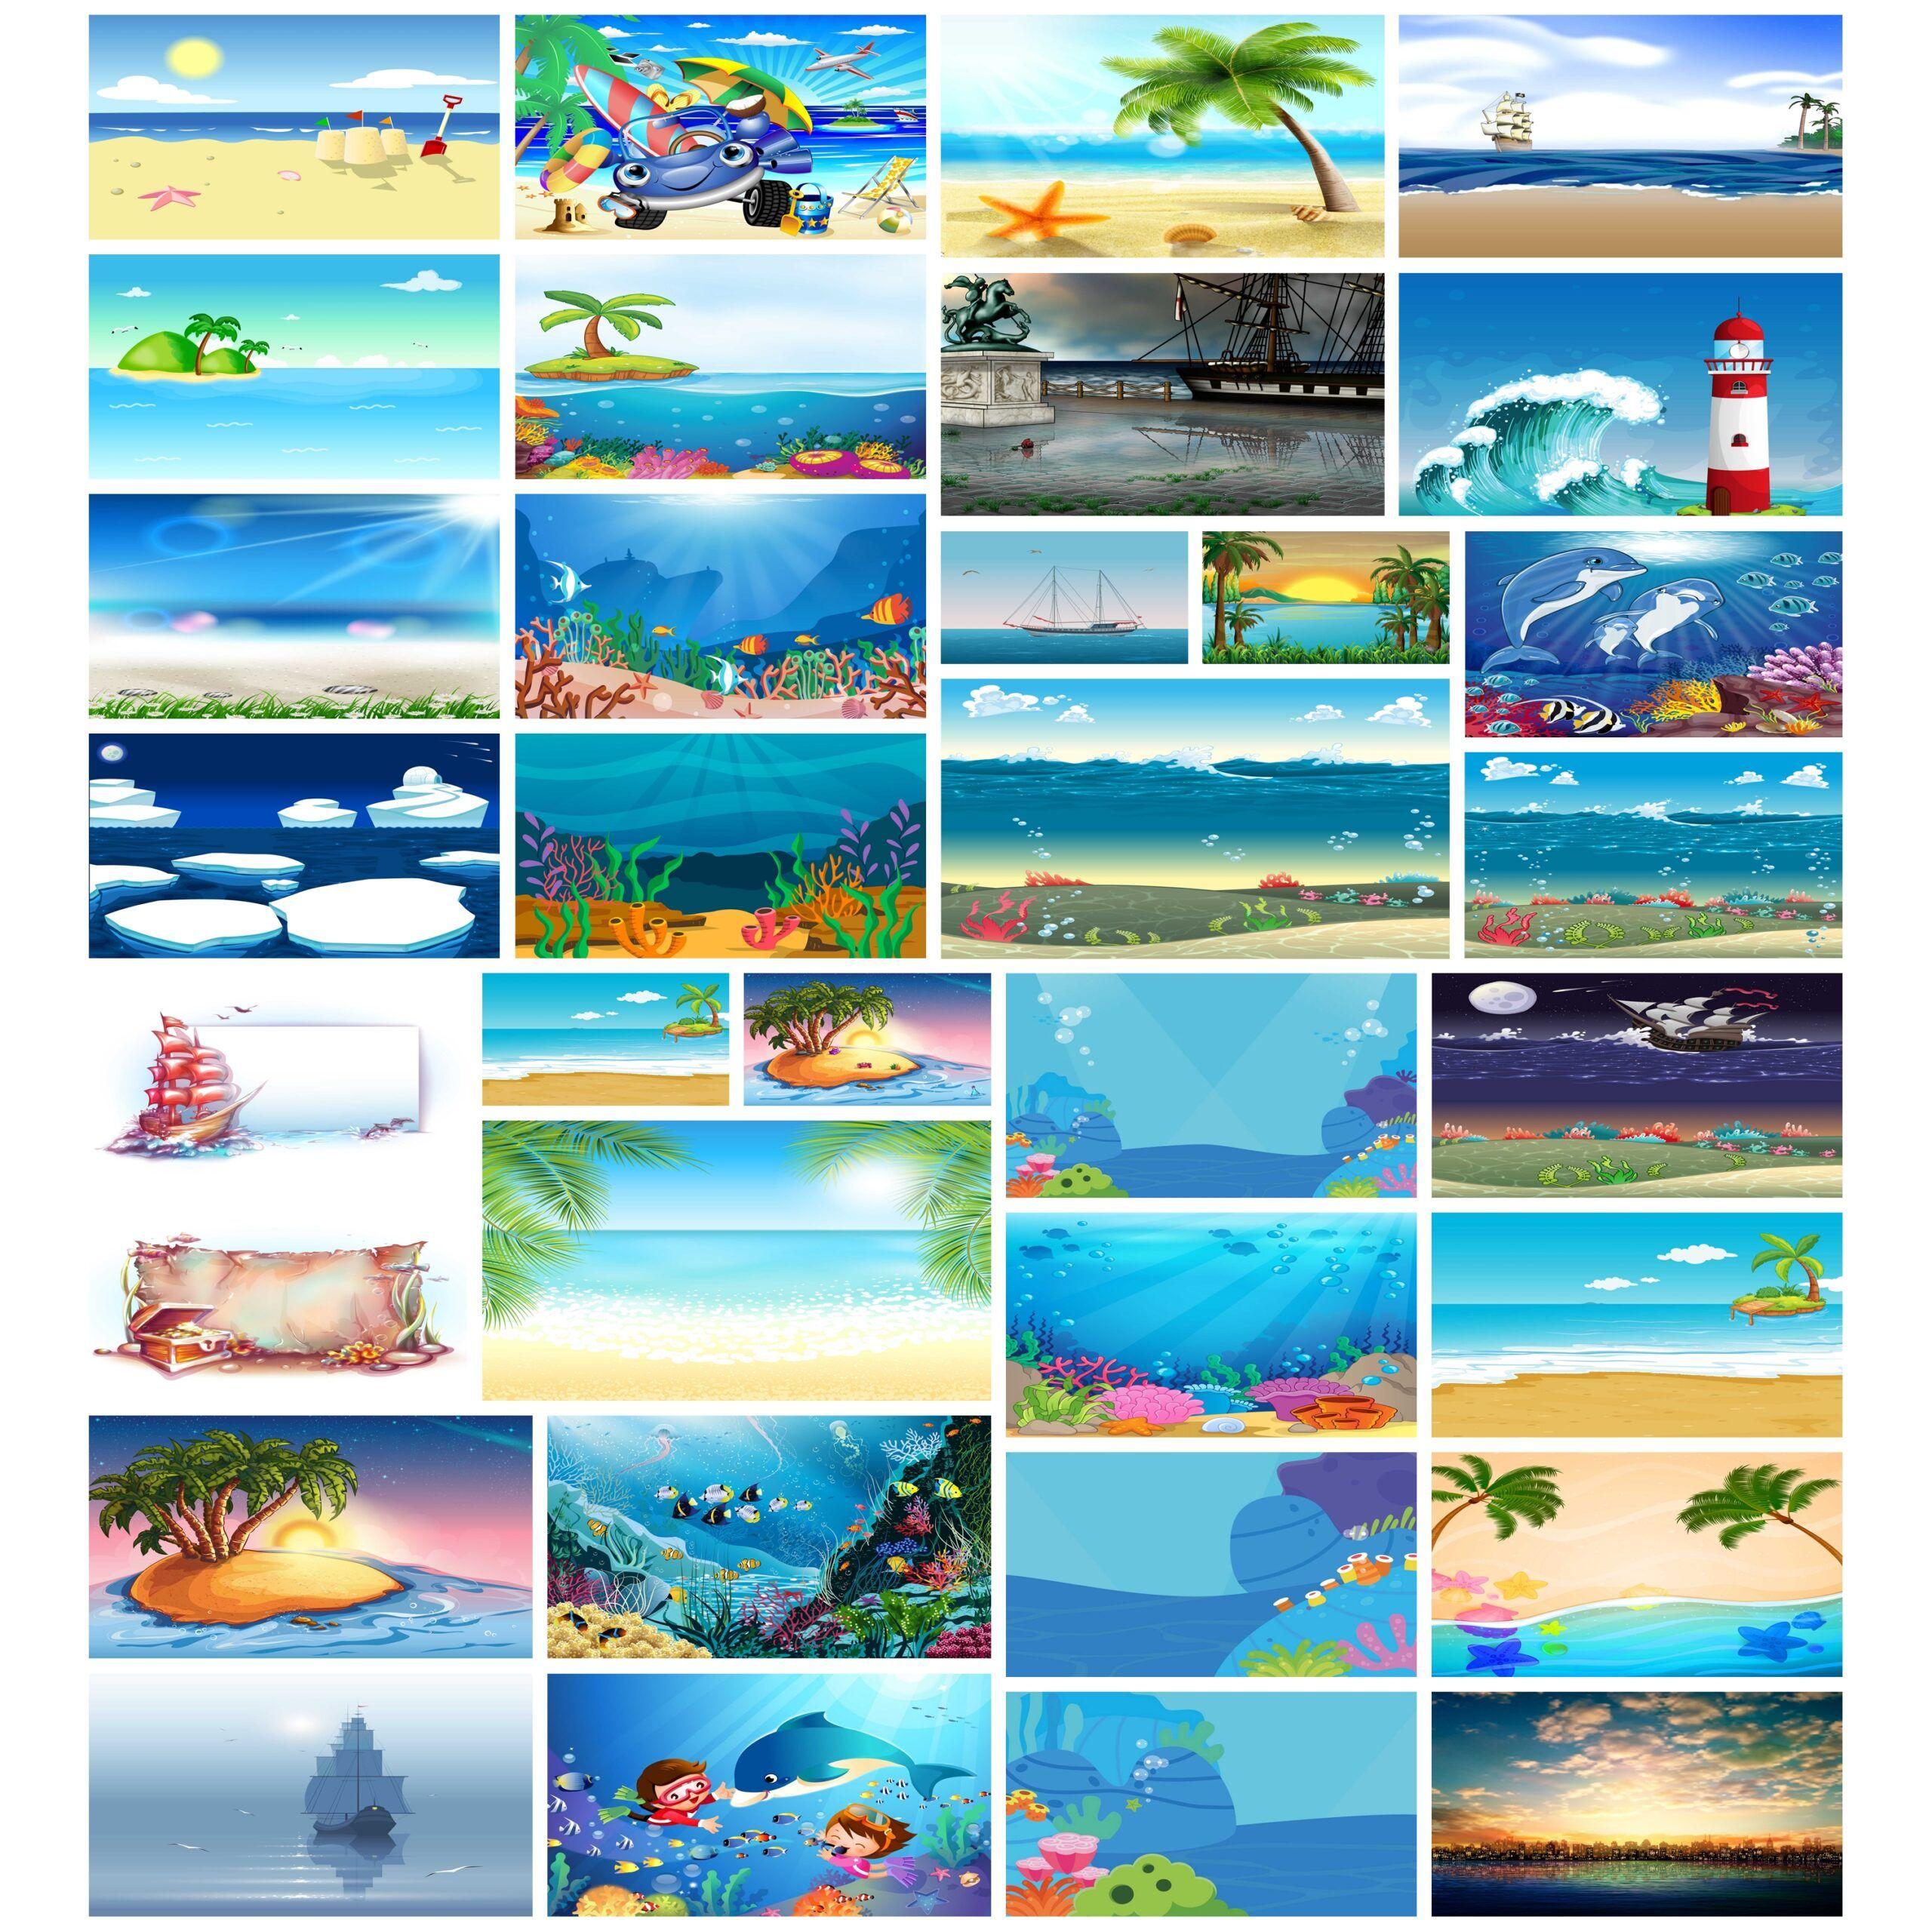 خلفيات رائعة لأعماق البحار لعروض البوربوينت In 2021 Desktop Screenshot Screenshots Art